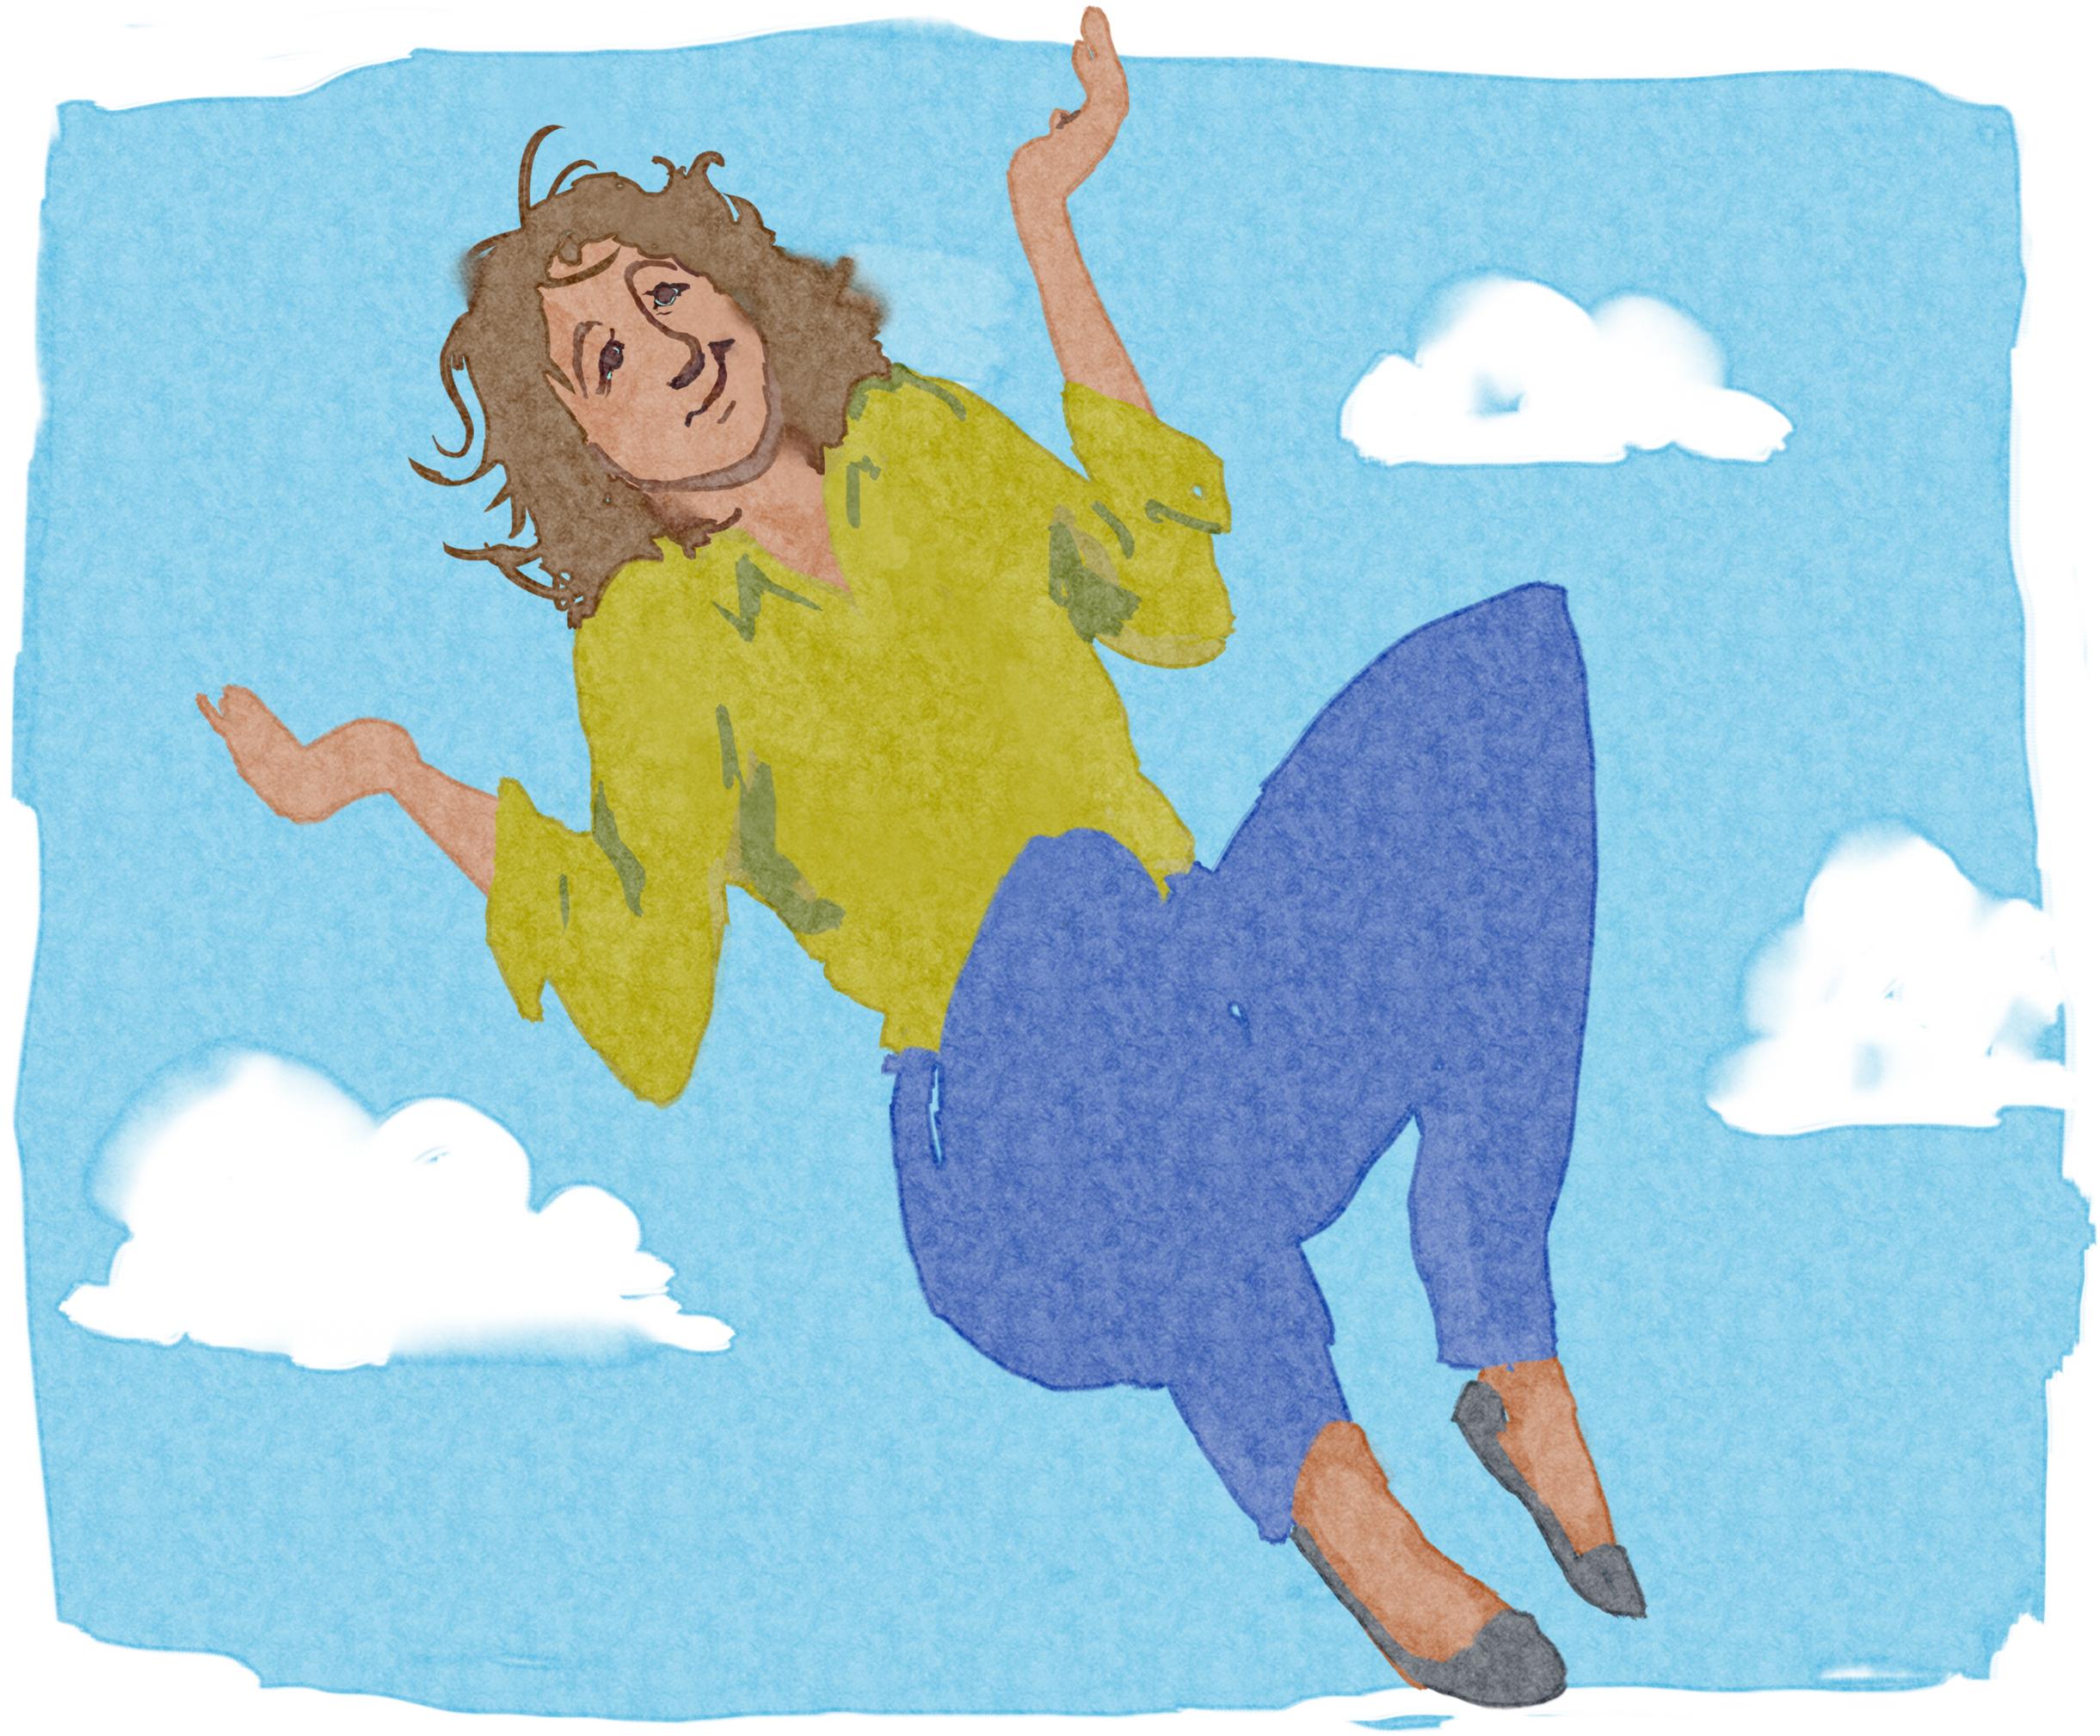 Dessin d'une femme flottant parmi les nuages, haussant les épaules (Département d'État/Doug Thompson)